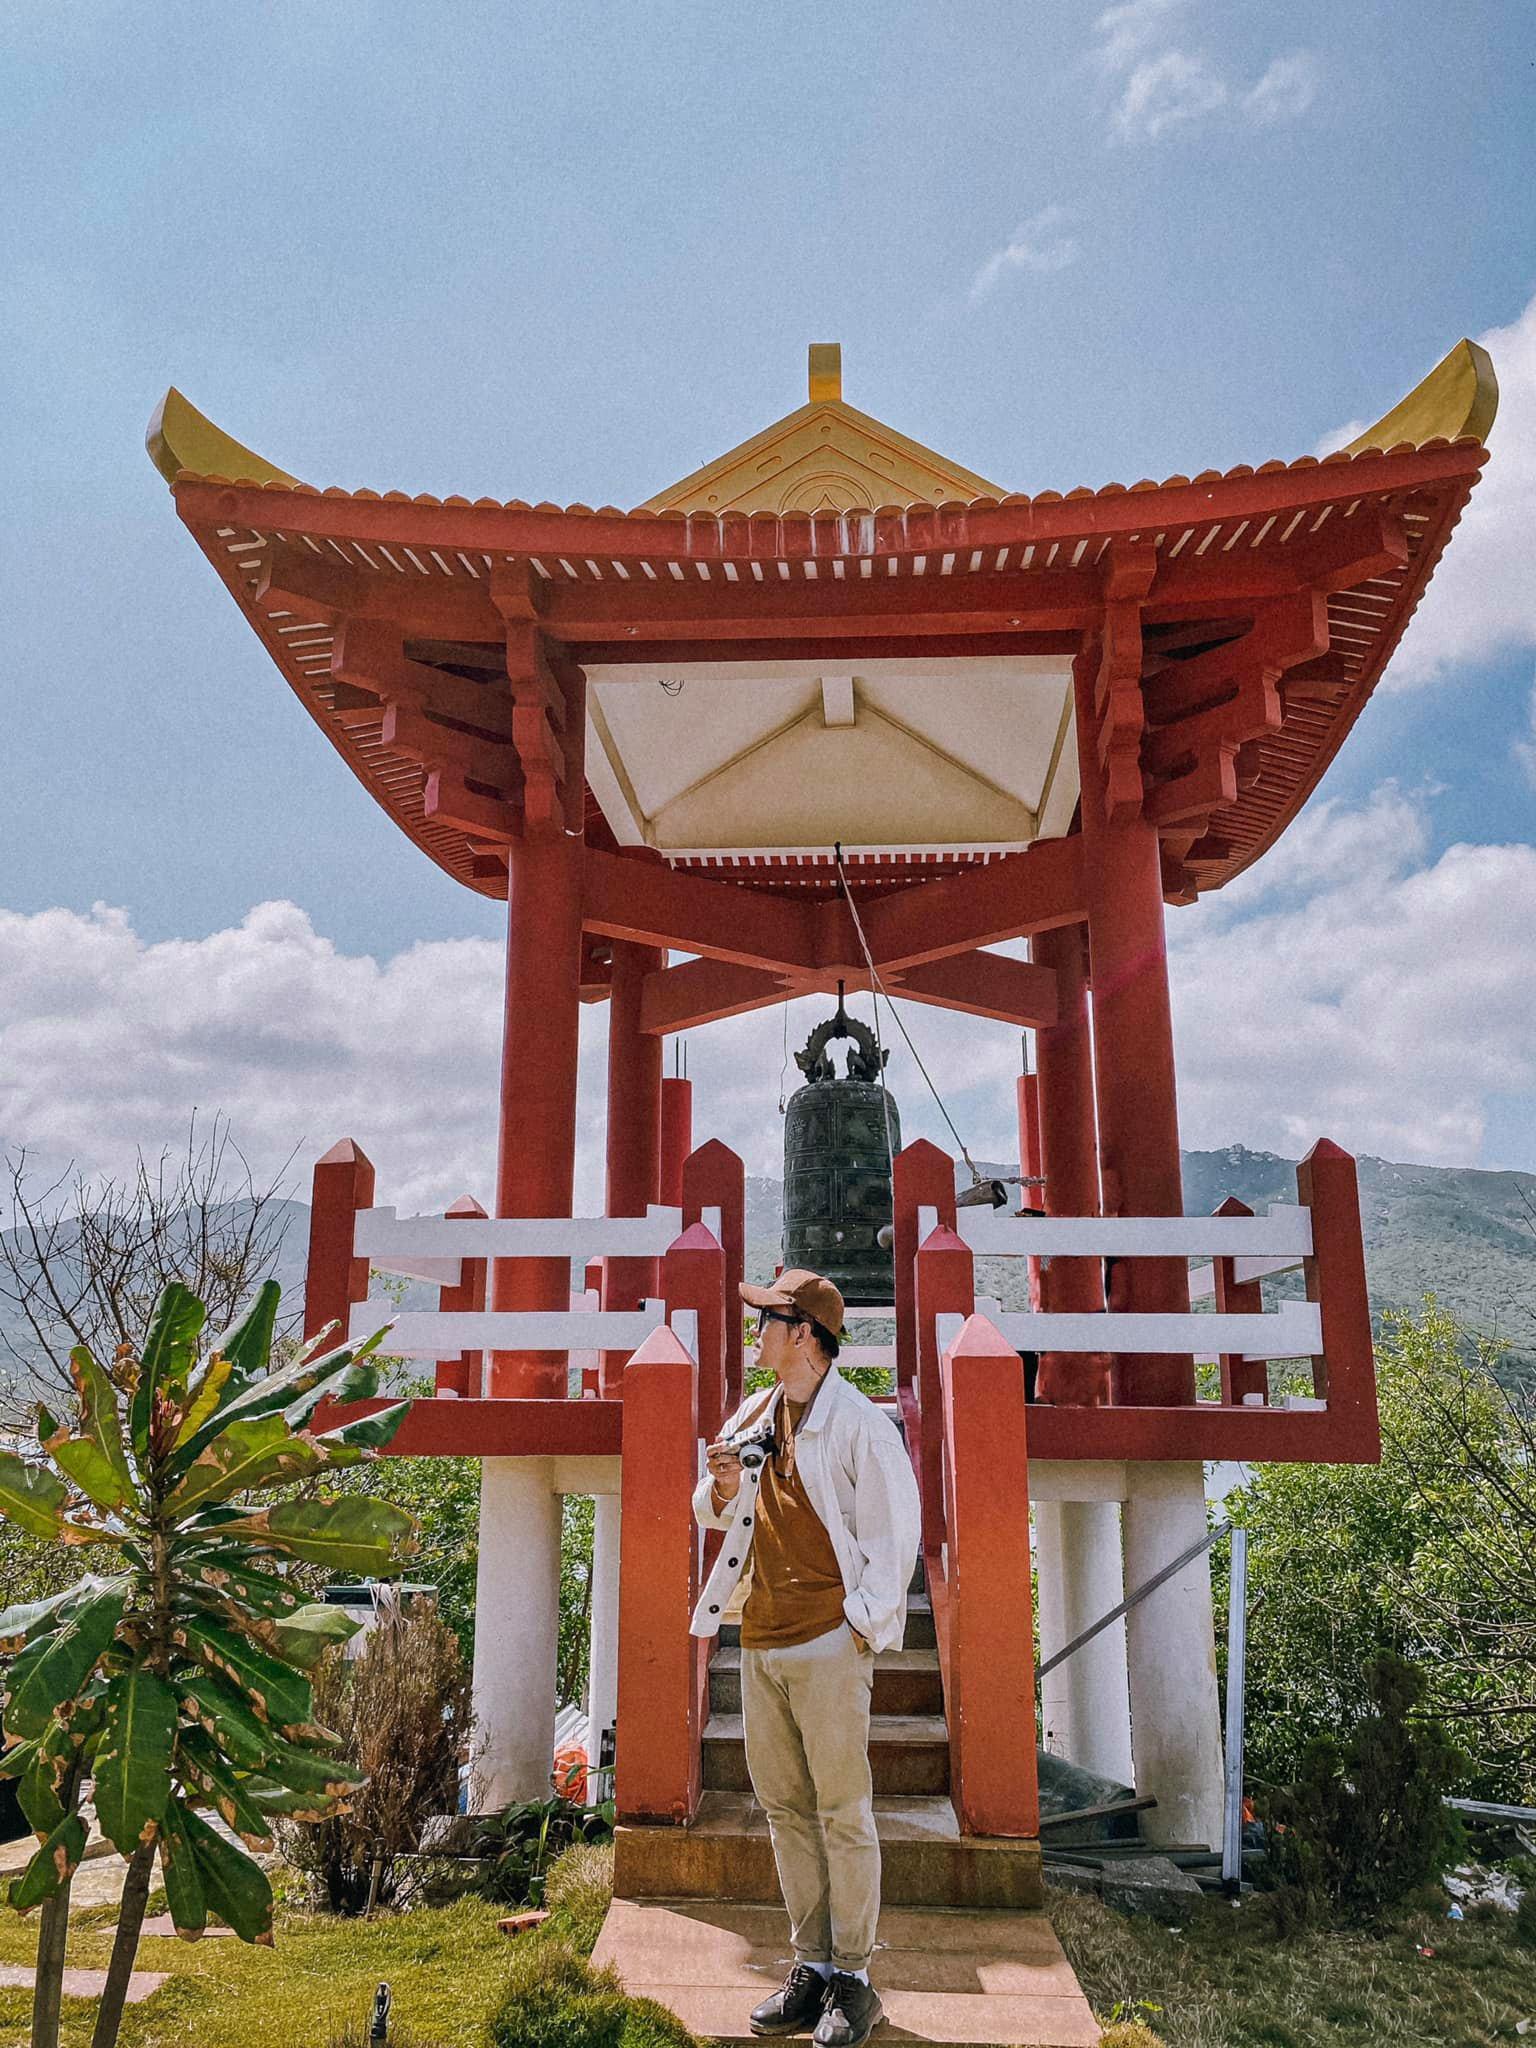 Chùa Thiên Ân ẩn mình trên một ngọn đồi nhô ra vịnh biển mênh mông ở khu vực Mũi Đôi thuộc Đầm Môn, khu kinh tế Bắc Vân Phong, huyện Vạn Ninh, tỉnh Khánh Hòa. Nằm cách TP Nha Trang khoảng 100 km về phía bắc, chùa là điểm đến cho du khách đi lễ cầu an có không gian thanh tịnh, vừa là nơi tận hưởng vẻ đẹp của vùng biển Đầm Môn xanh mát. Ảnh: Cường Quốc Phạm